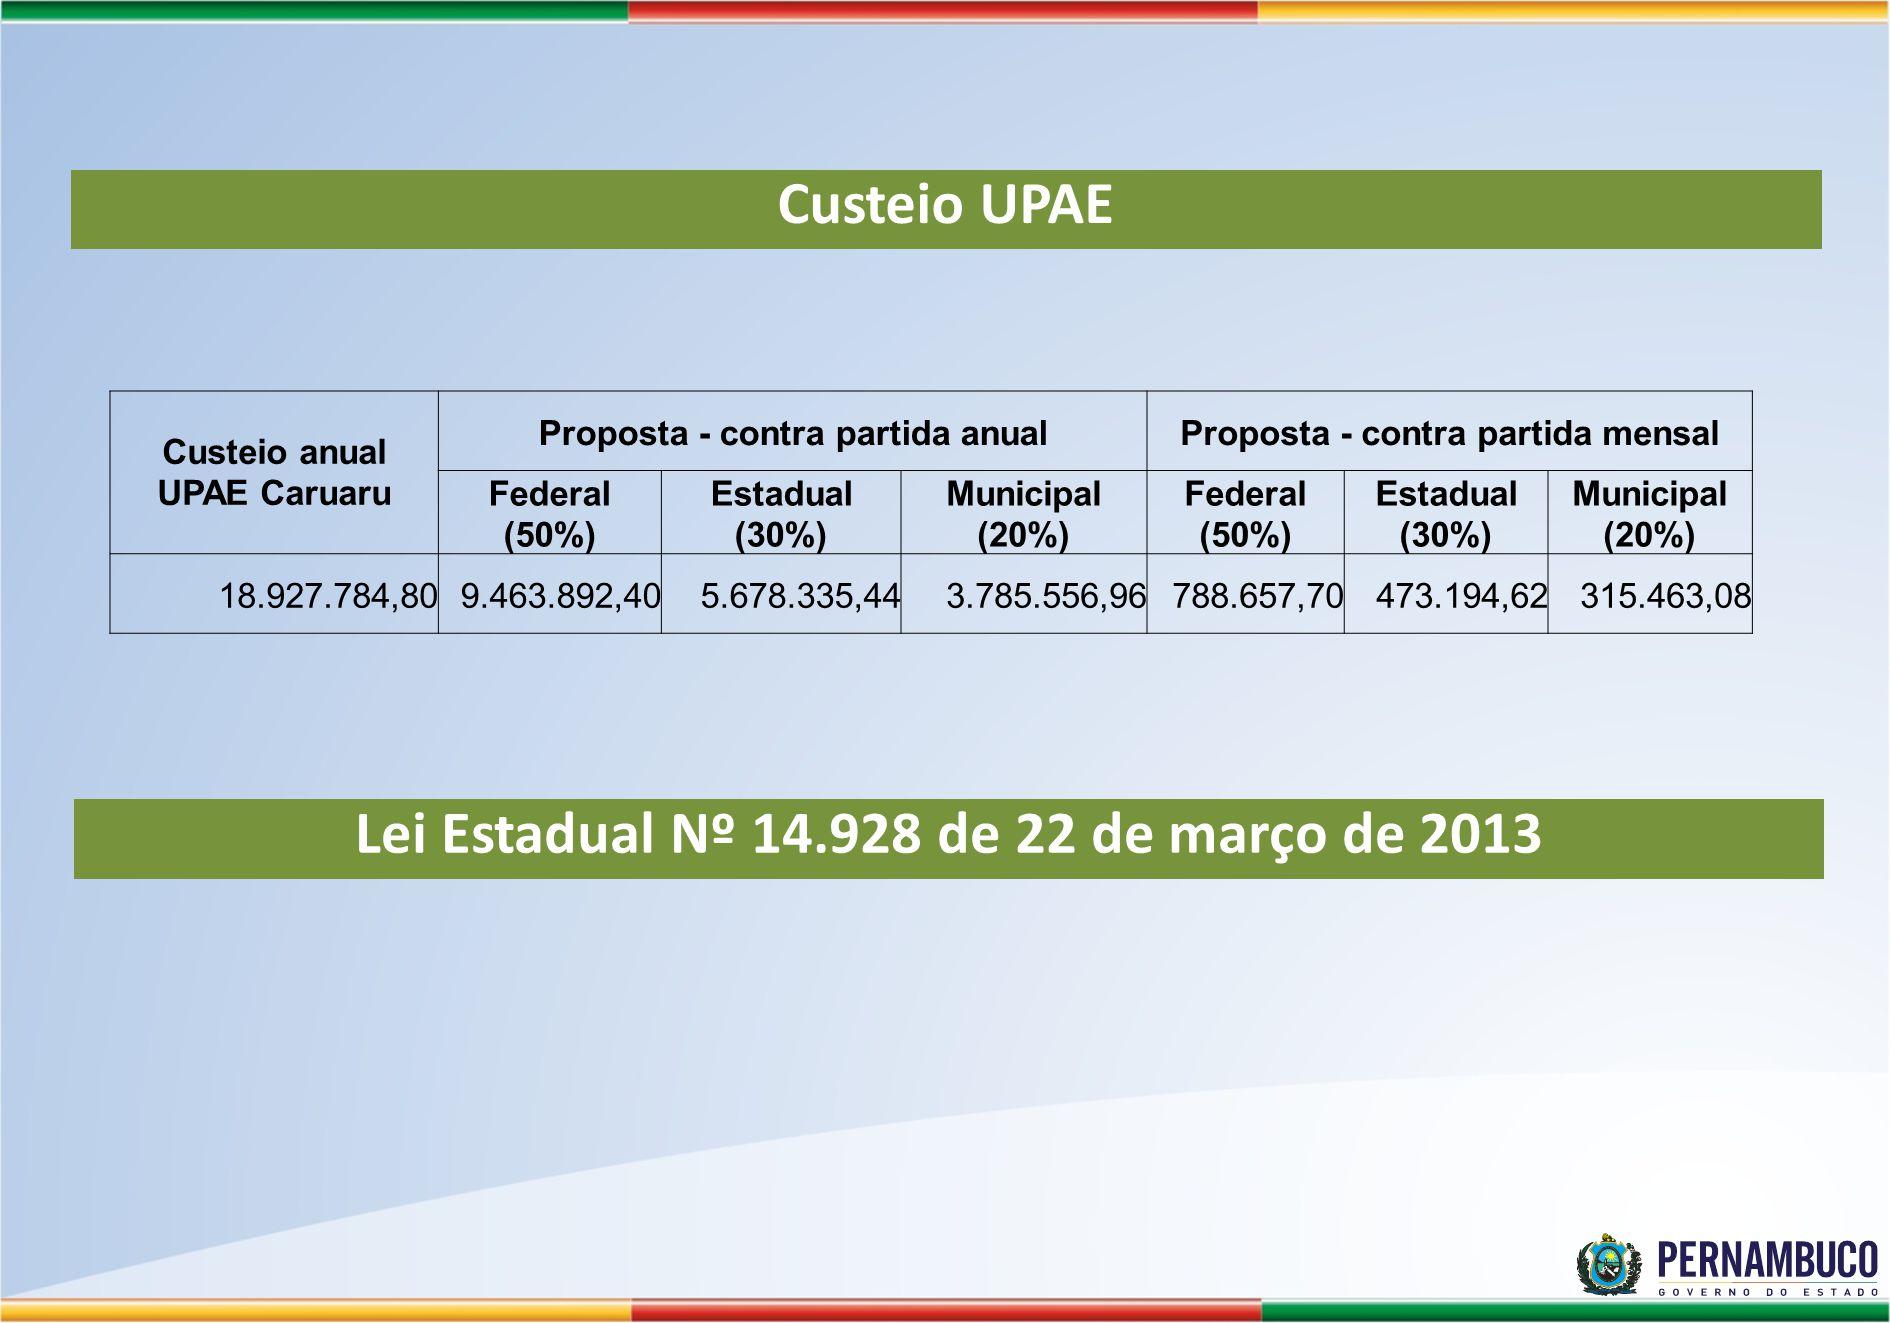 Lei Estadual Nº 14.928 de 22 de março de 2013 Custeio UPAE Custeio anual UPAE Caruaru Proposta - contra partida anualProposta - contra partida mensal